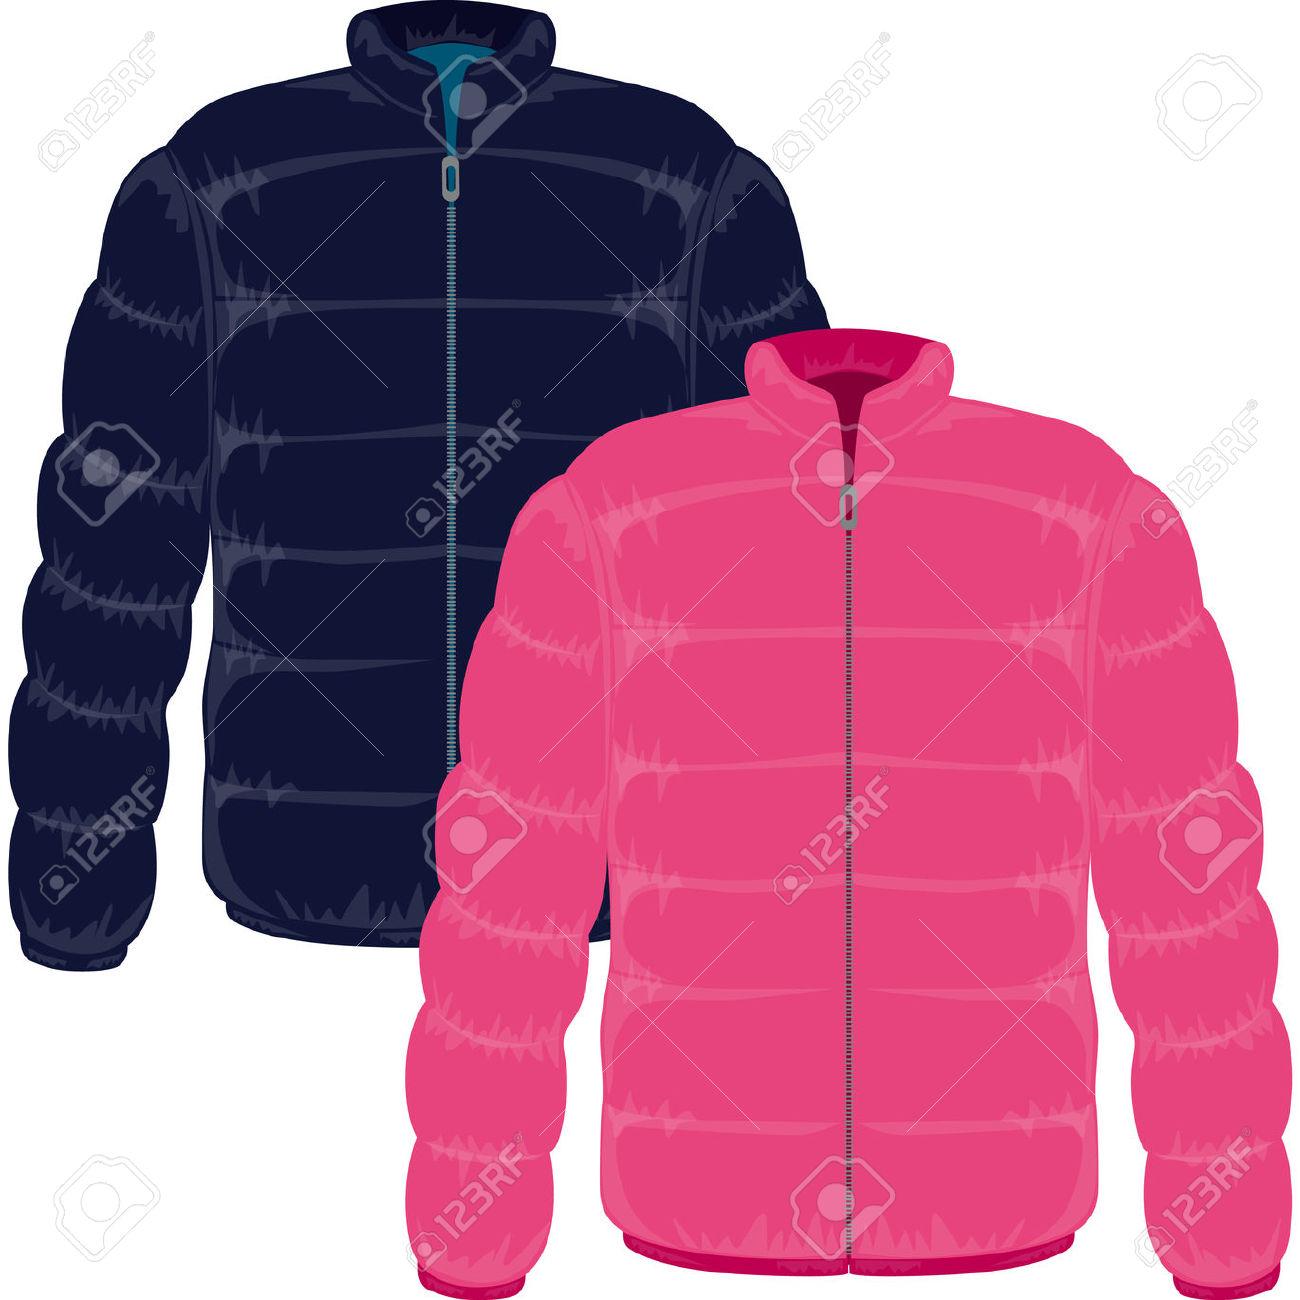 Free clip art winter coats.